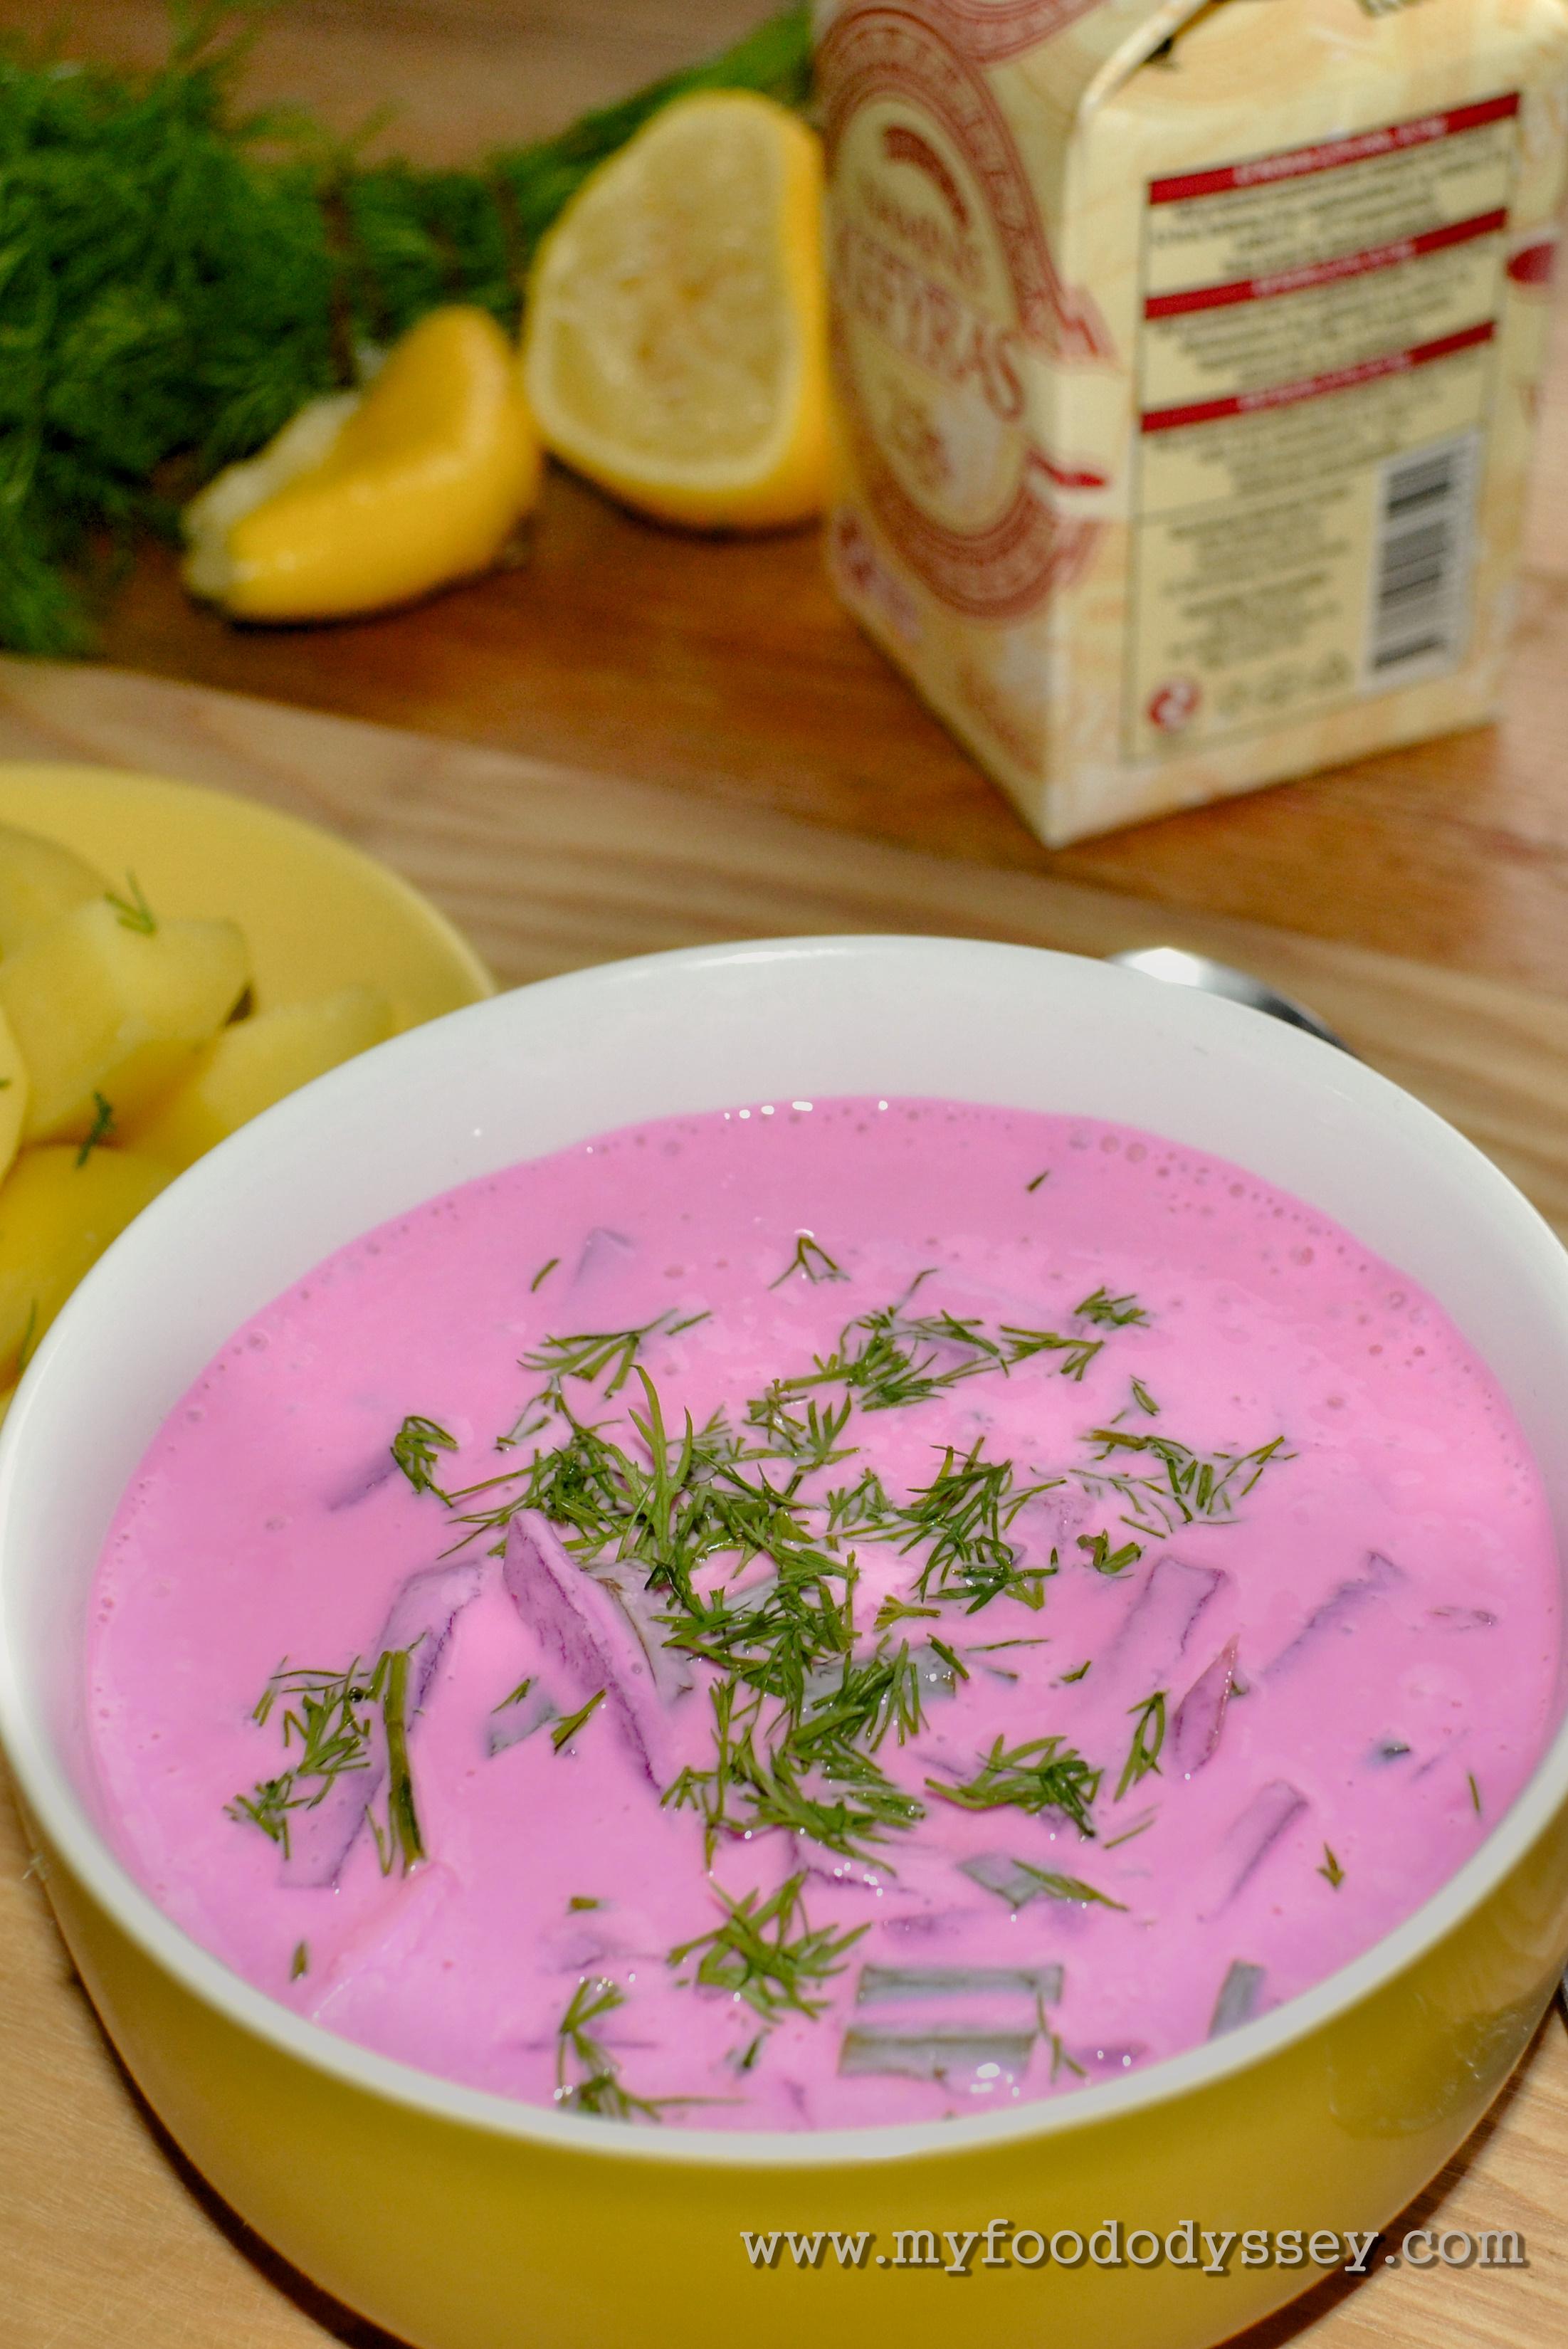 cold-beet-soup-saltibarsciai-dsc_0182-21.jpg